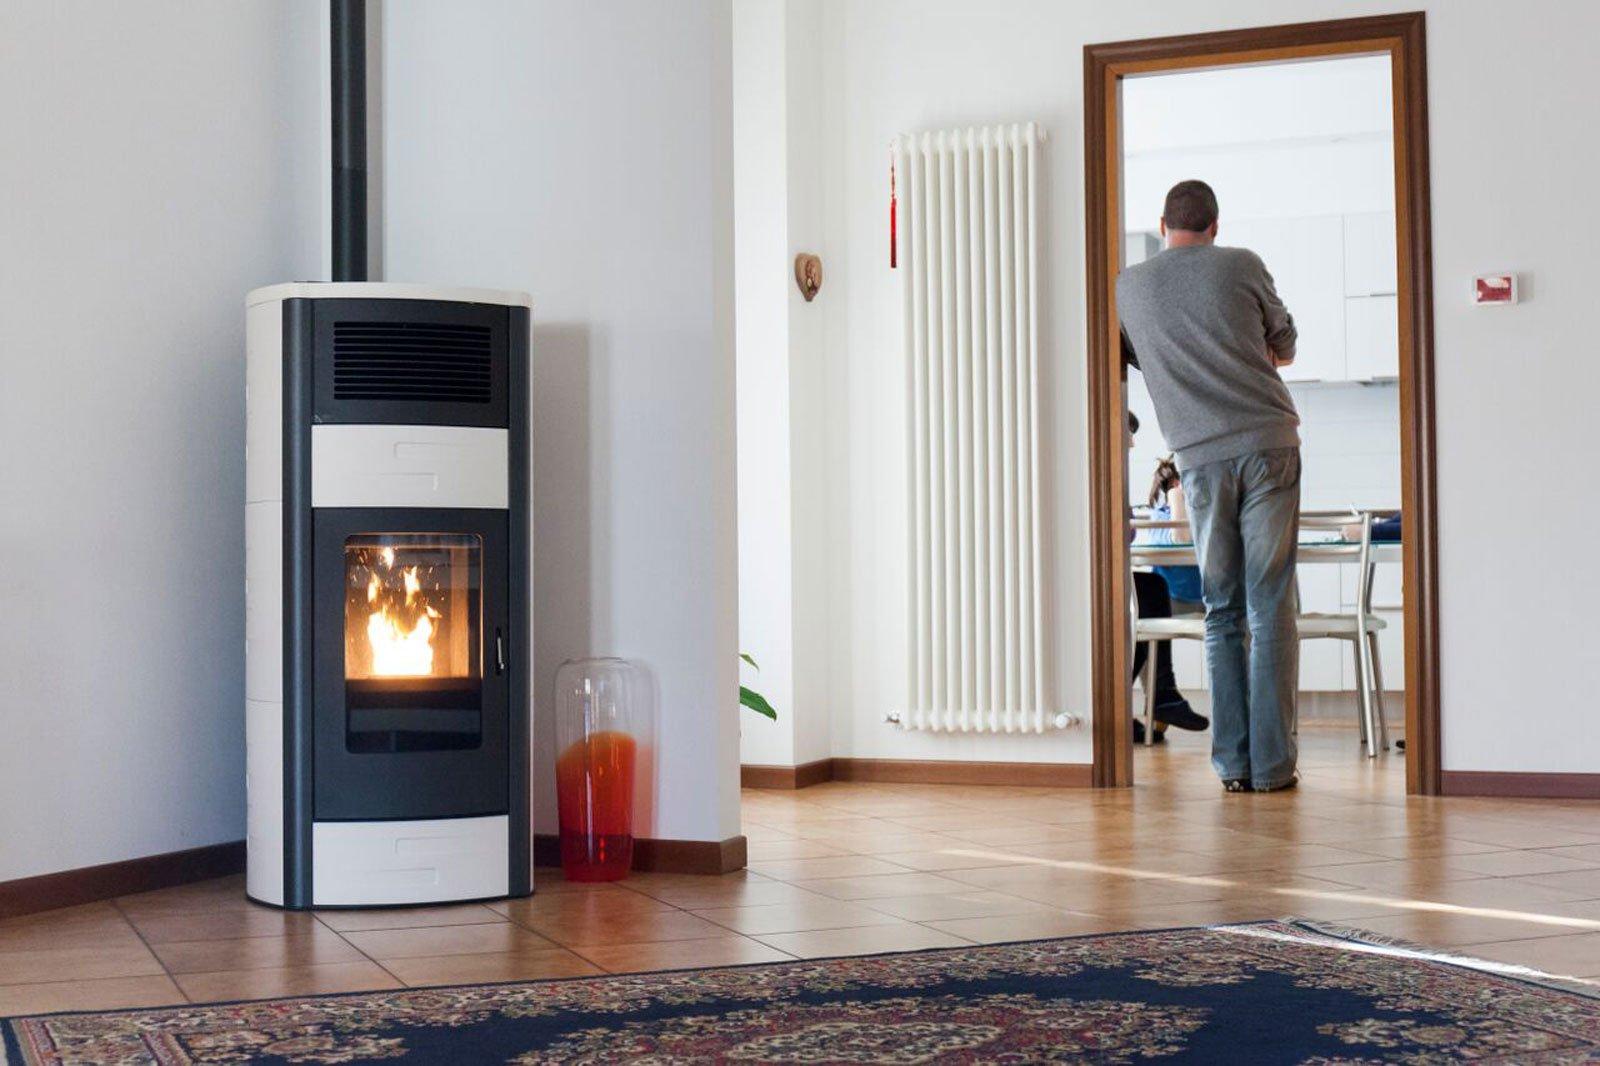 Sostituire il riscaldamento autonomo con stufa o caminetto - Stufa a pellet termosifoni ...